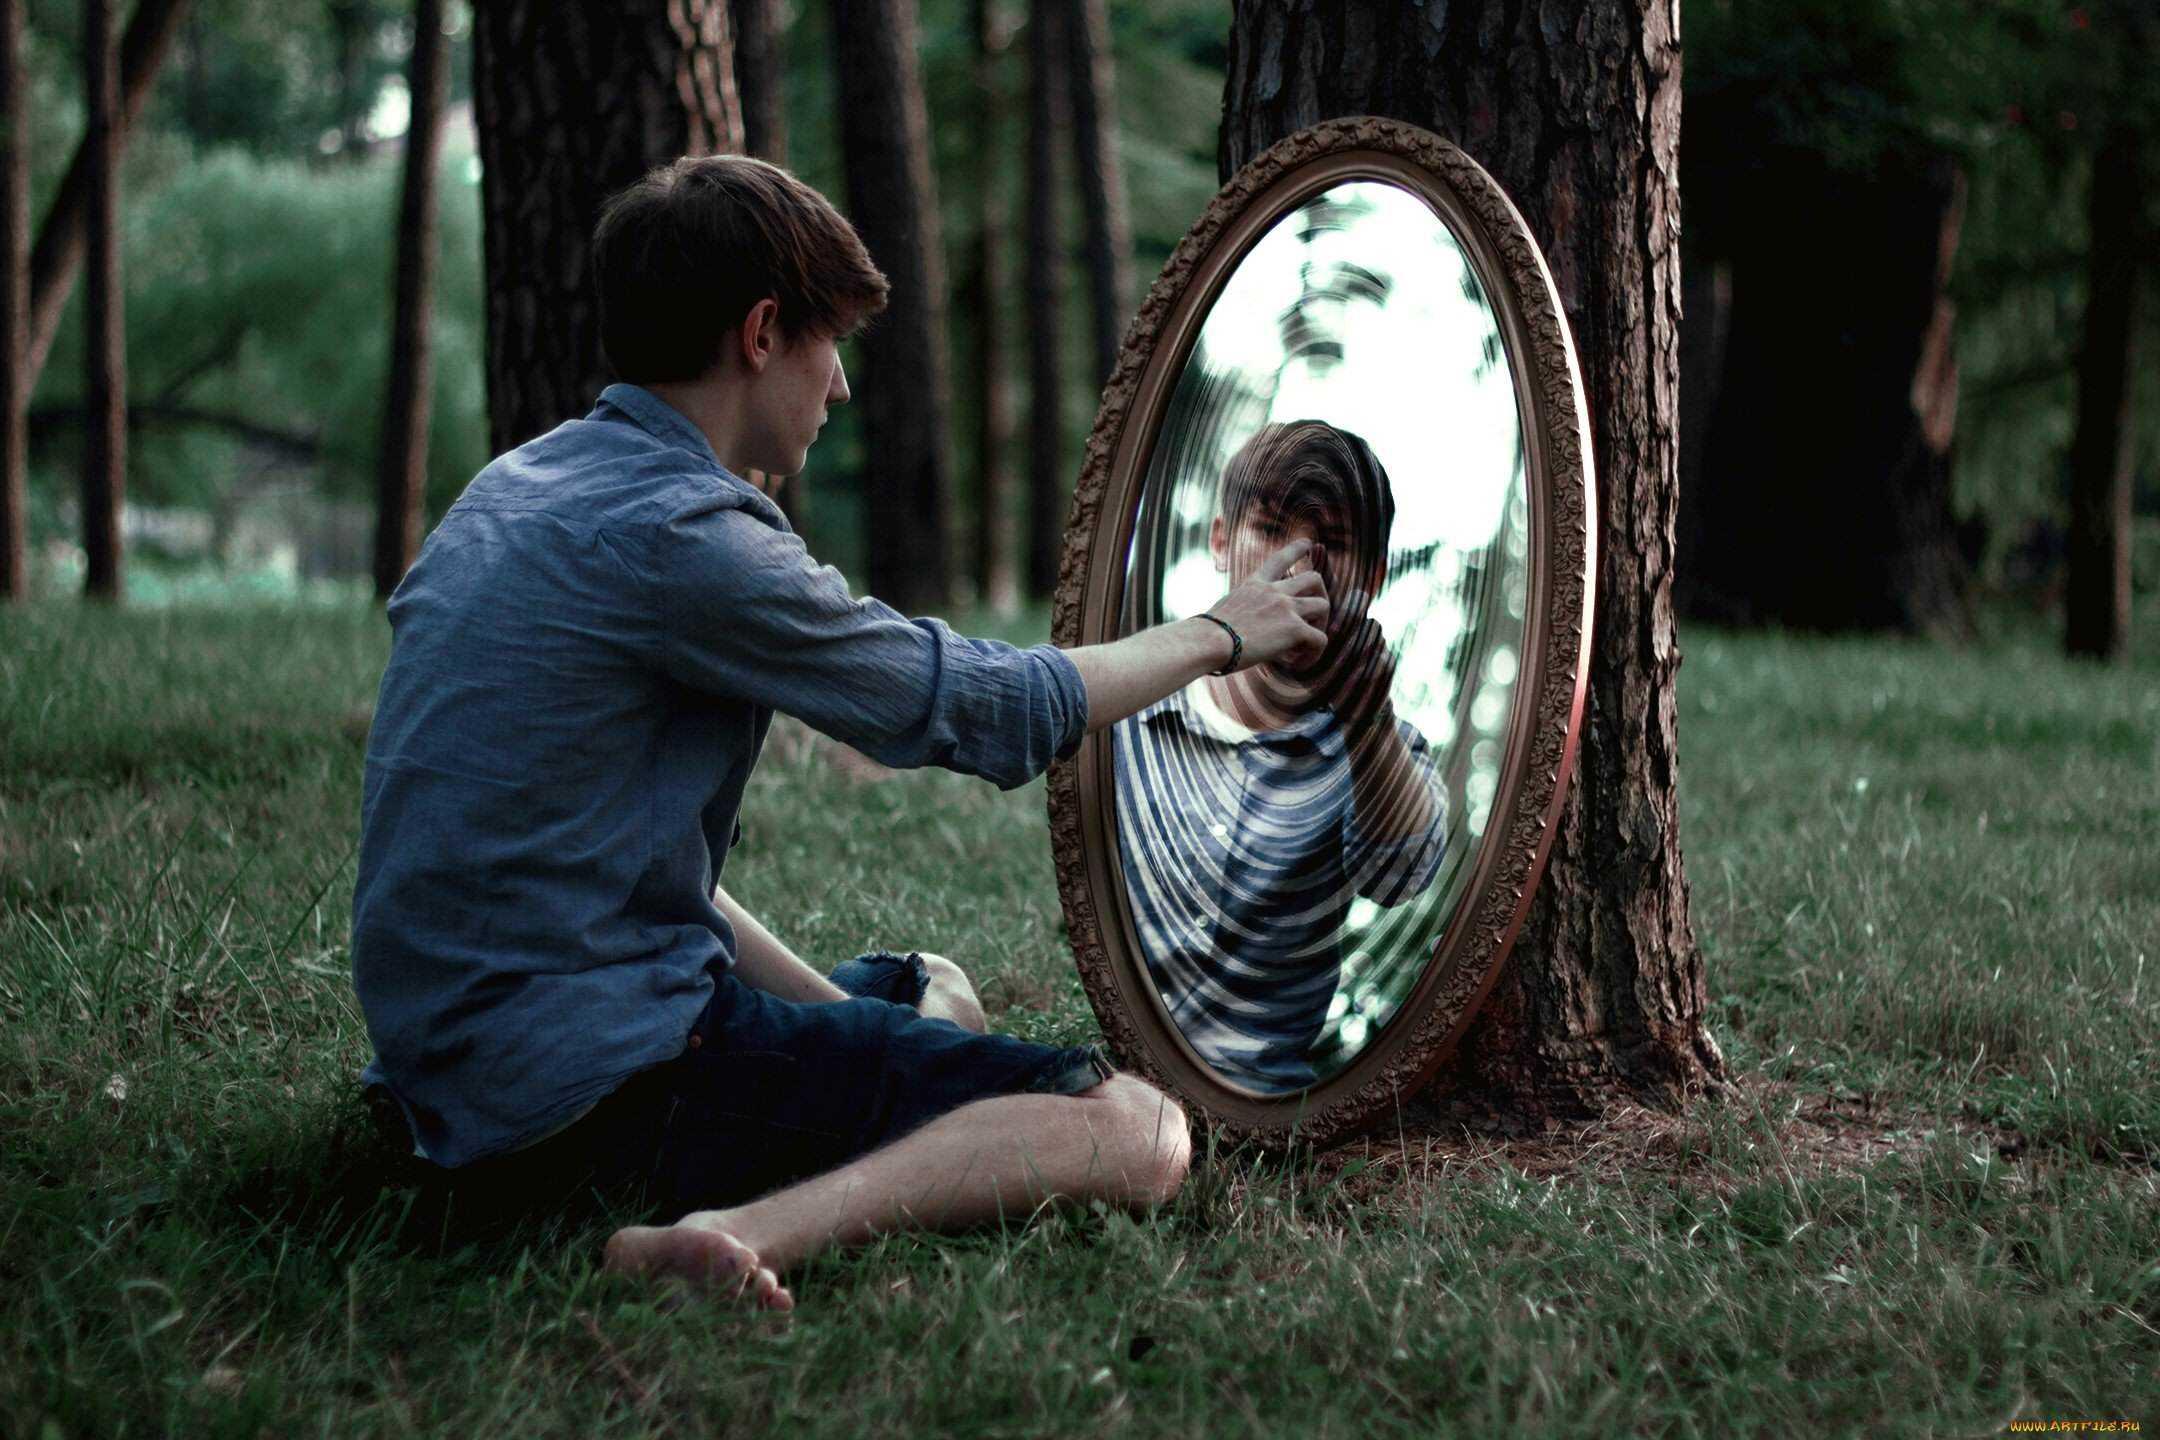 Как смотреть в глаза при разговоре? 5 принципов сильного взгляда